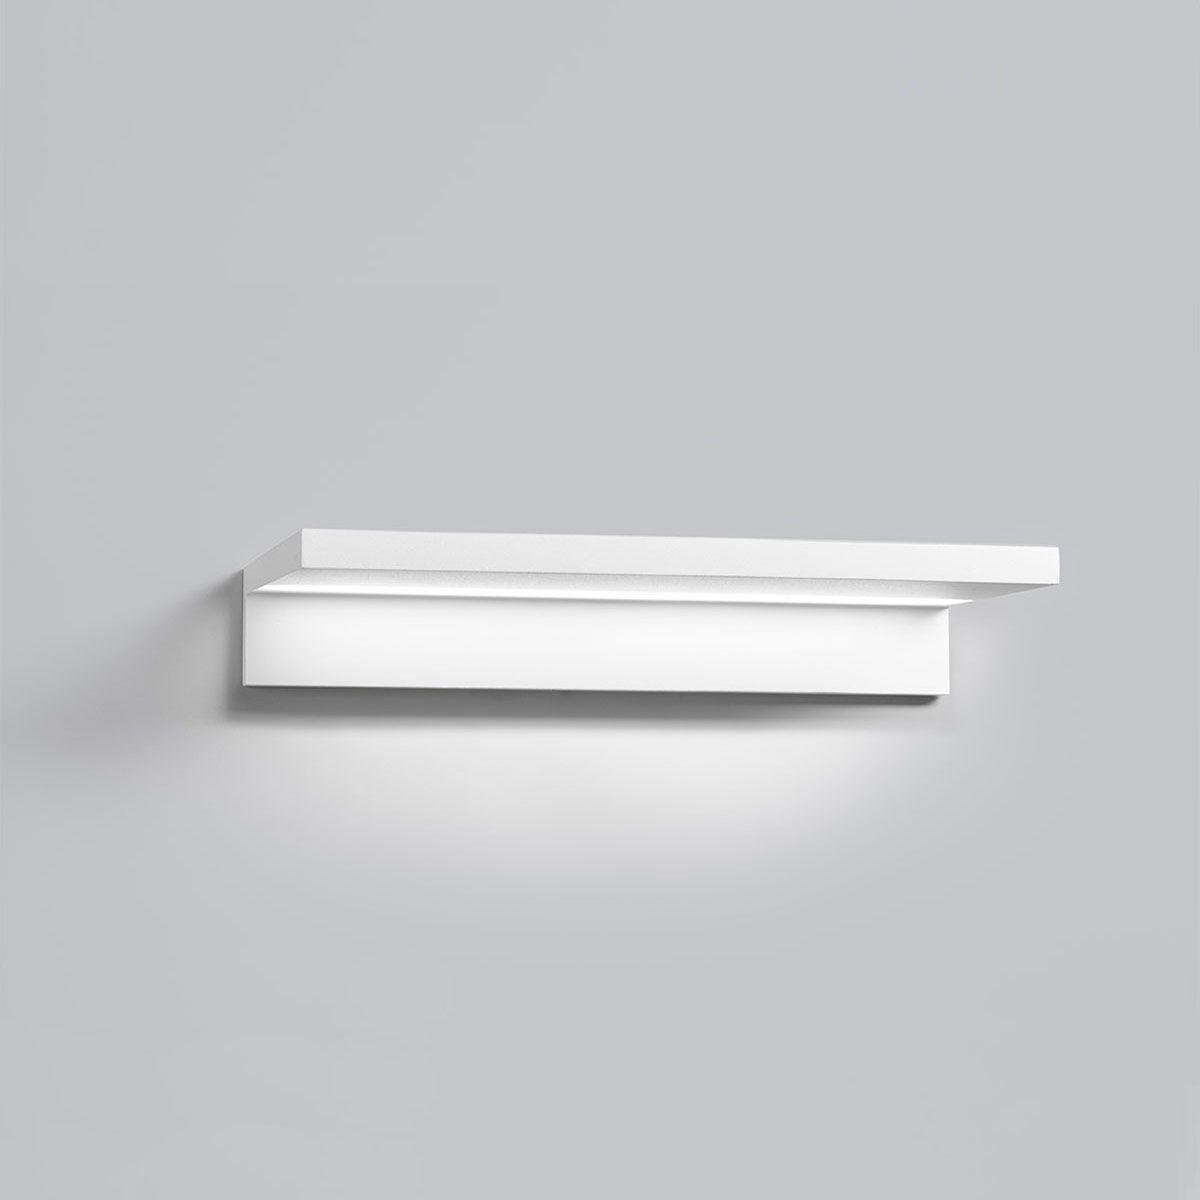 étagère Murale Contemporaine En Aluminium Lumineuse Led